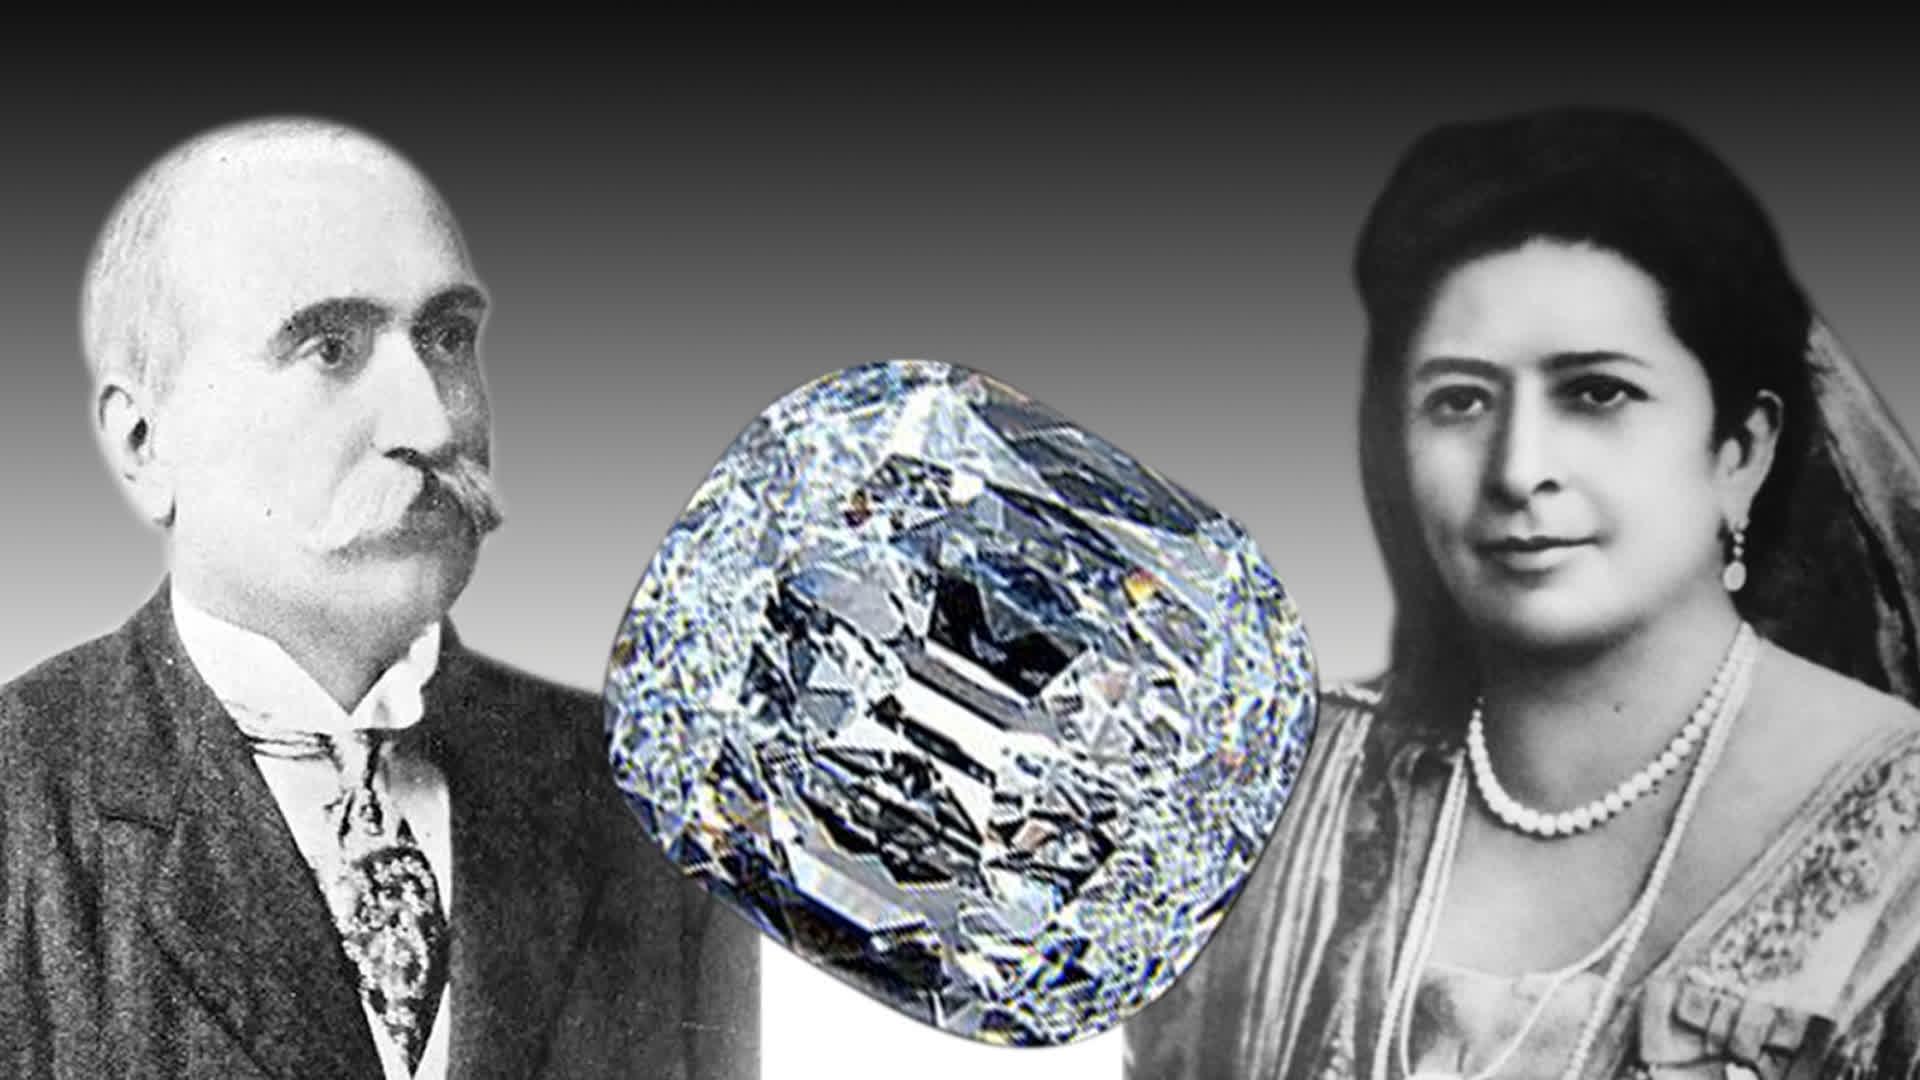 Jubilee Diamond & How it Saved a Company